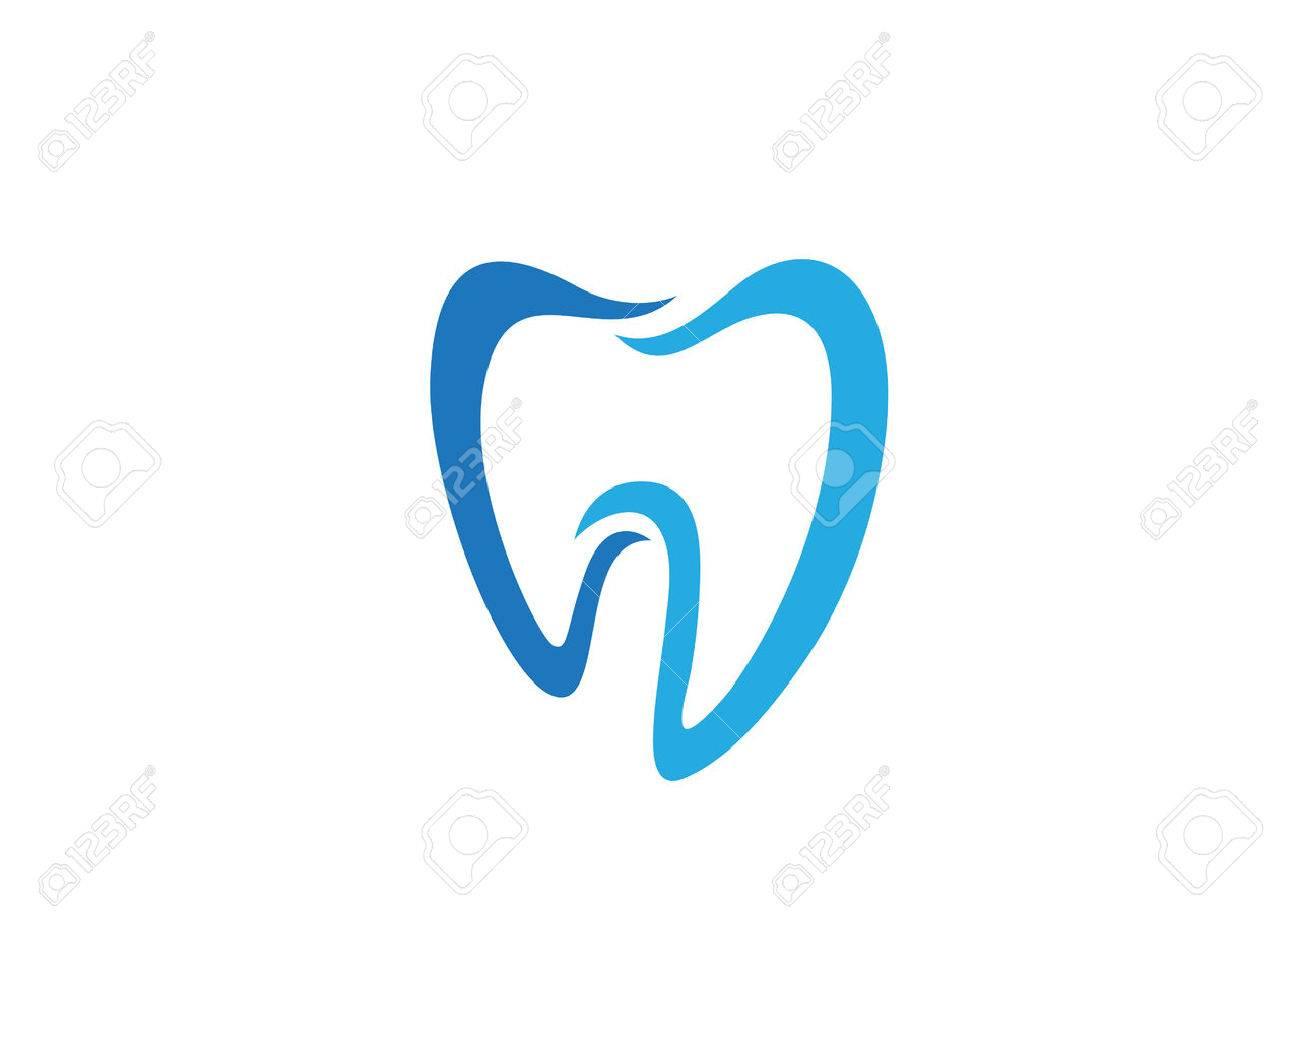 Dental logo template vector - 67304774